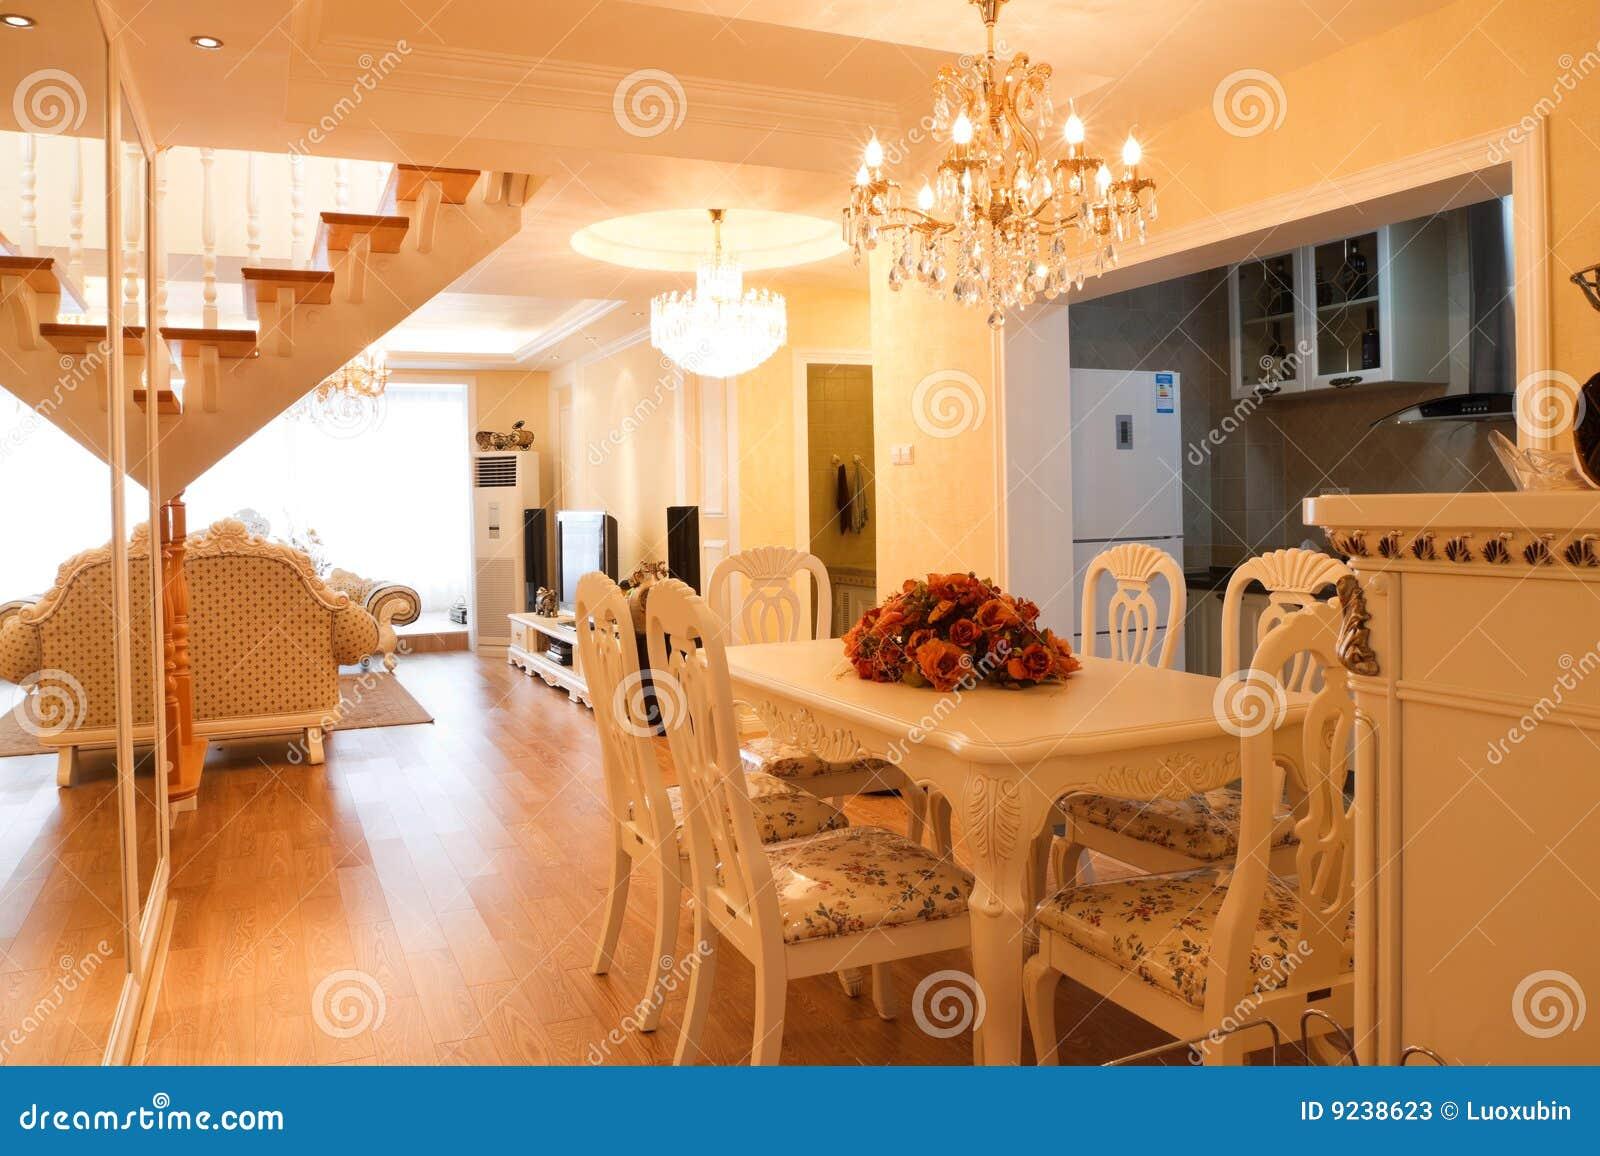 Luxe cher d 39 int rieur de maison photos stock image 9238623 for Photos d interieur de maison